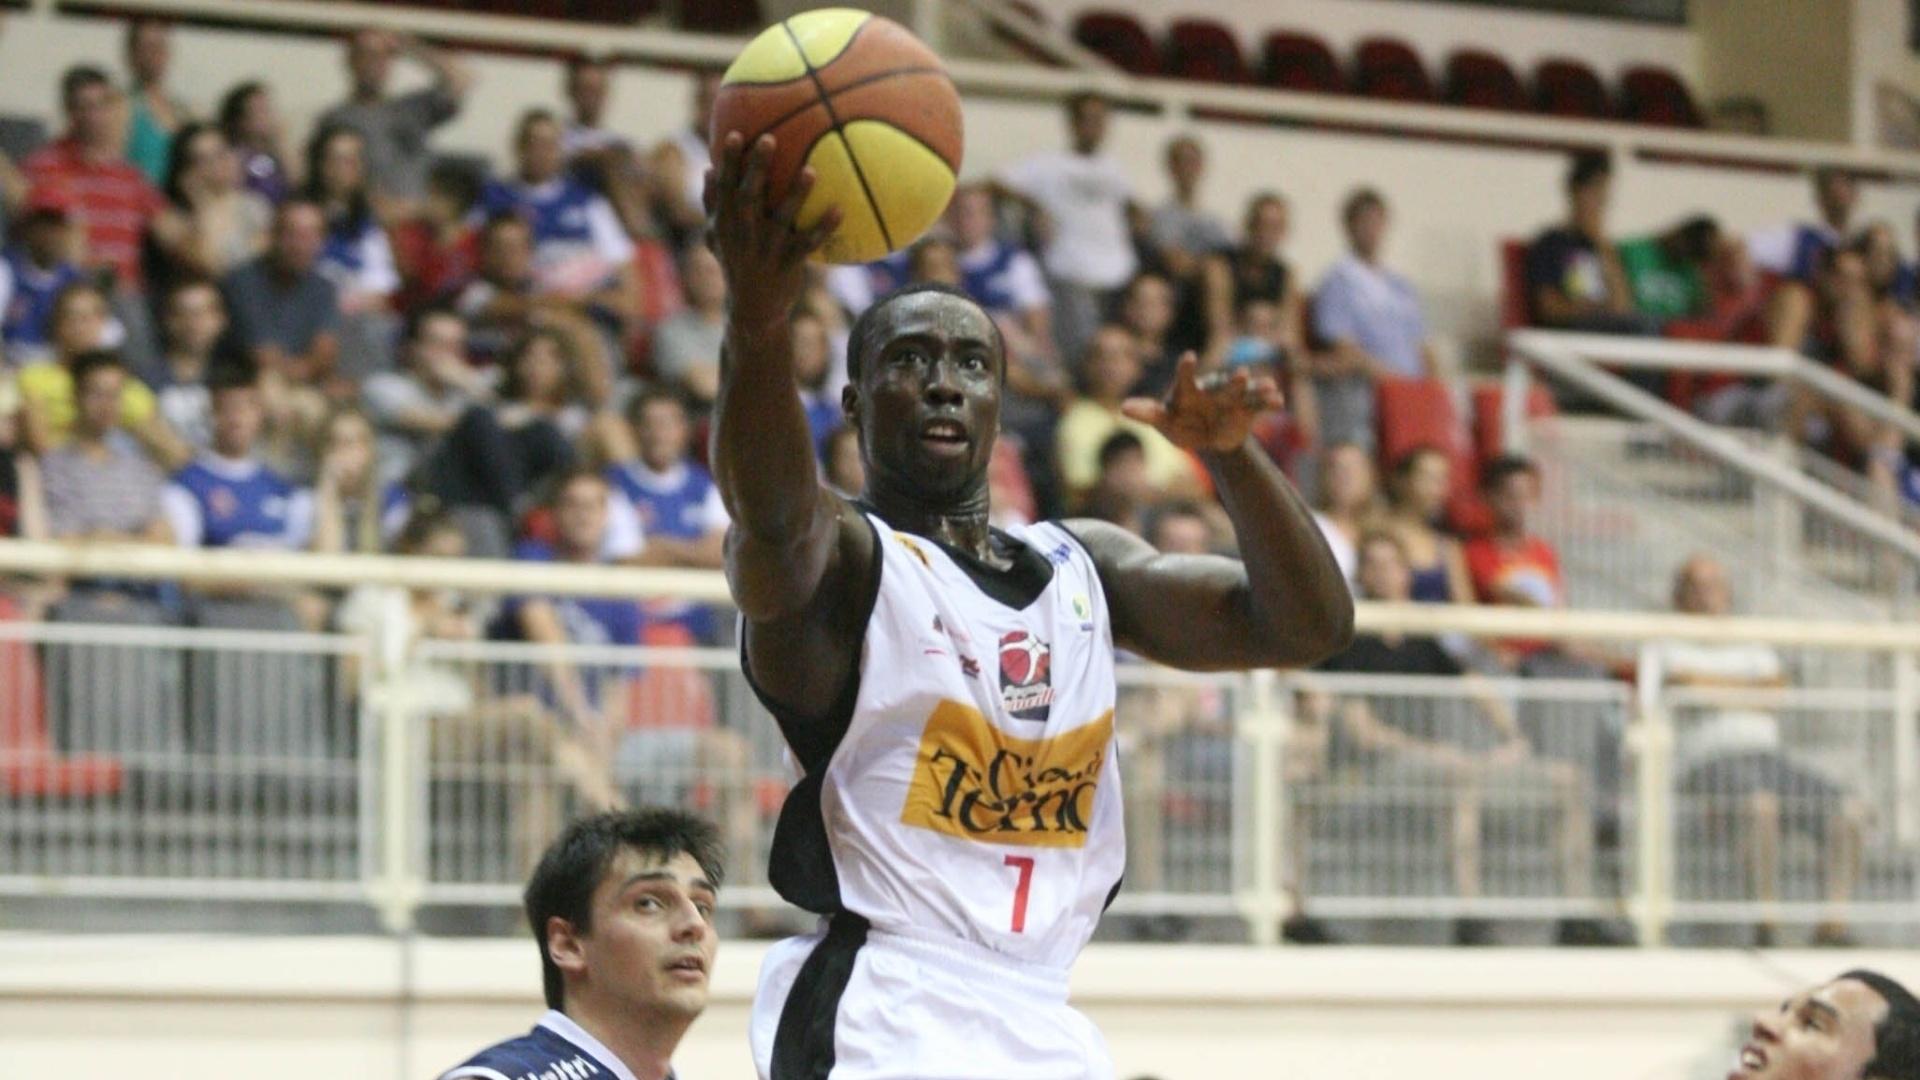 Kojo arrisca arremesso para o Joinville em partida contra o Uberlândia (03/03/12)